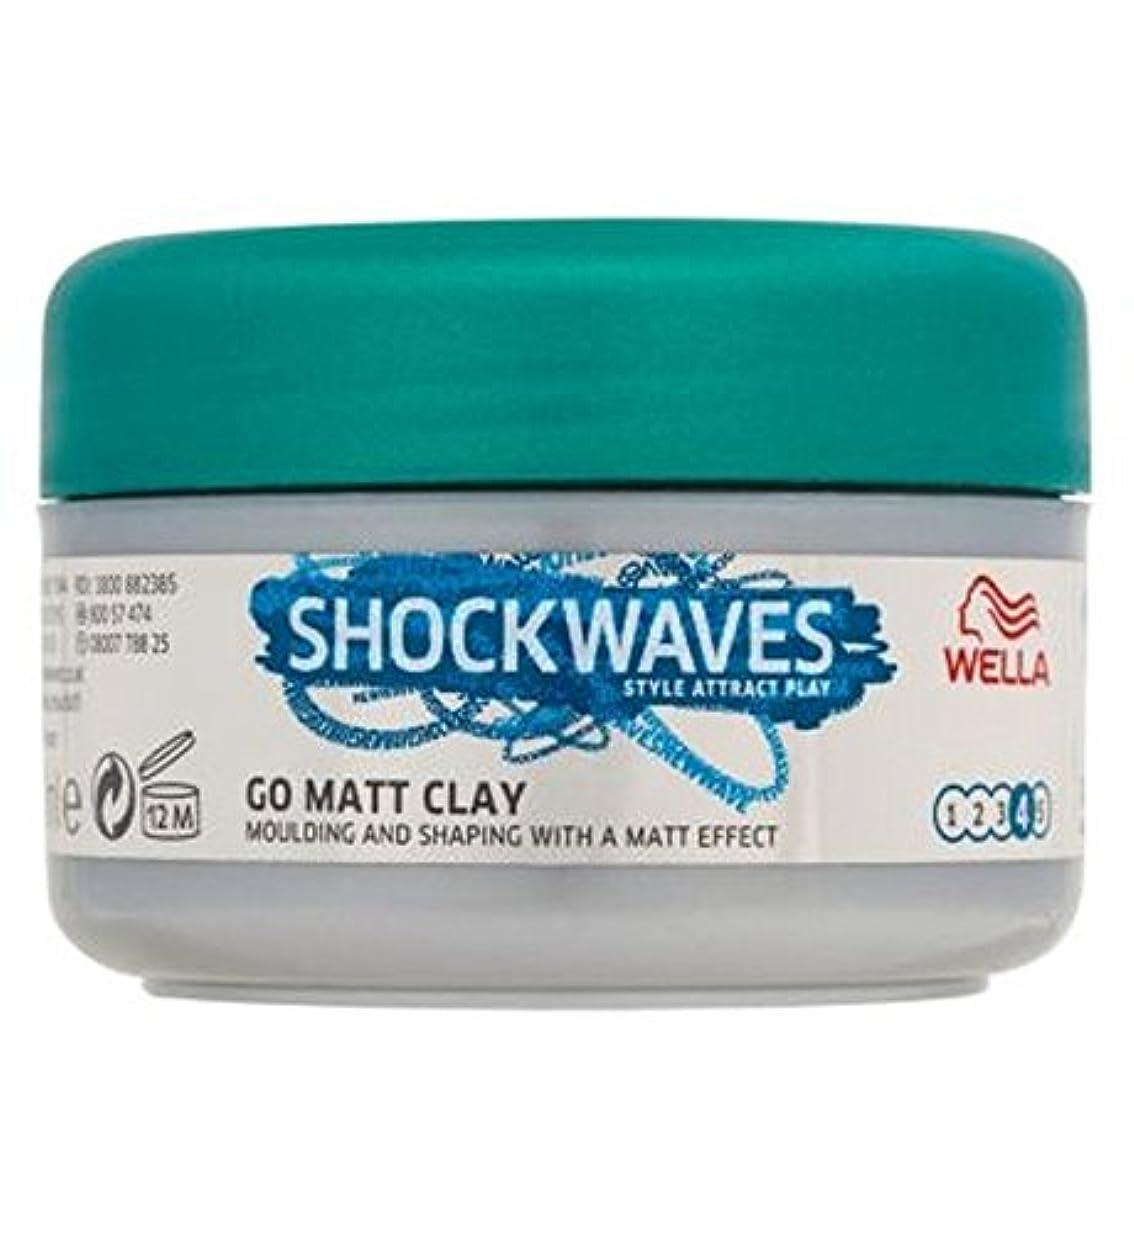 親コカインマートWella Shockwaves Extrovert Go Matt Clay 75ml - ウエラの衝撃波の外向性はマット粘土75ミリリットルを行きます (Wella Shockwaves) [並行輸入品]